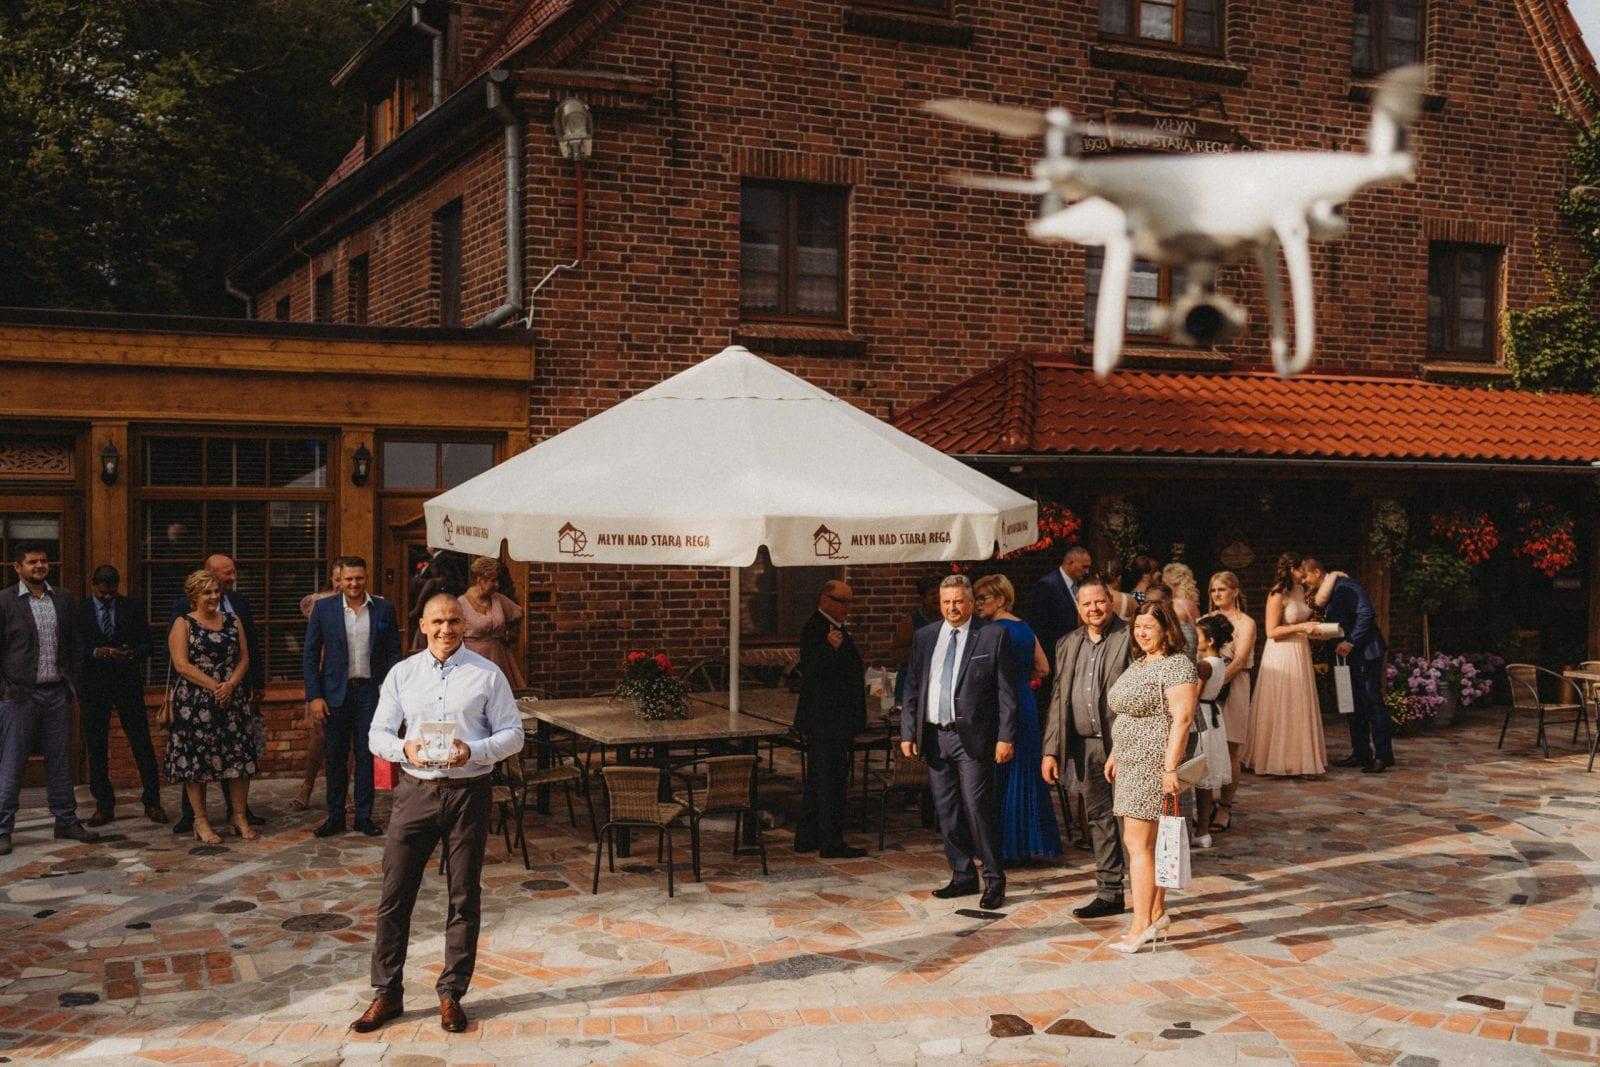 dron na weselu Młyn nad Starą Regą Tarnowo